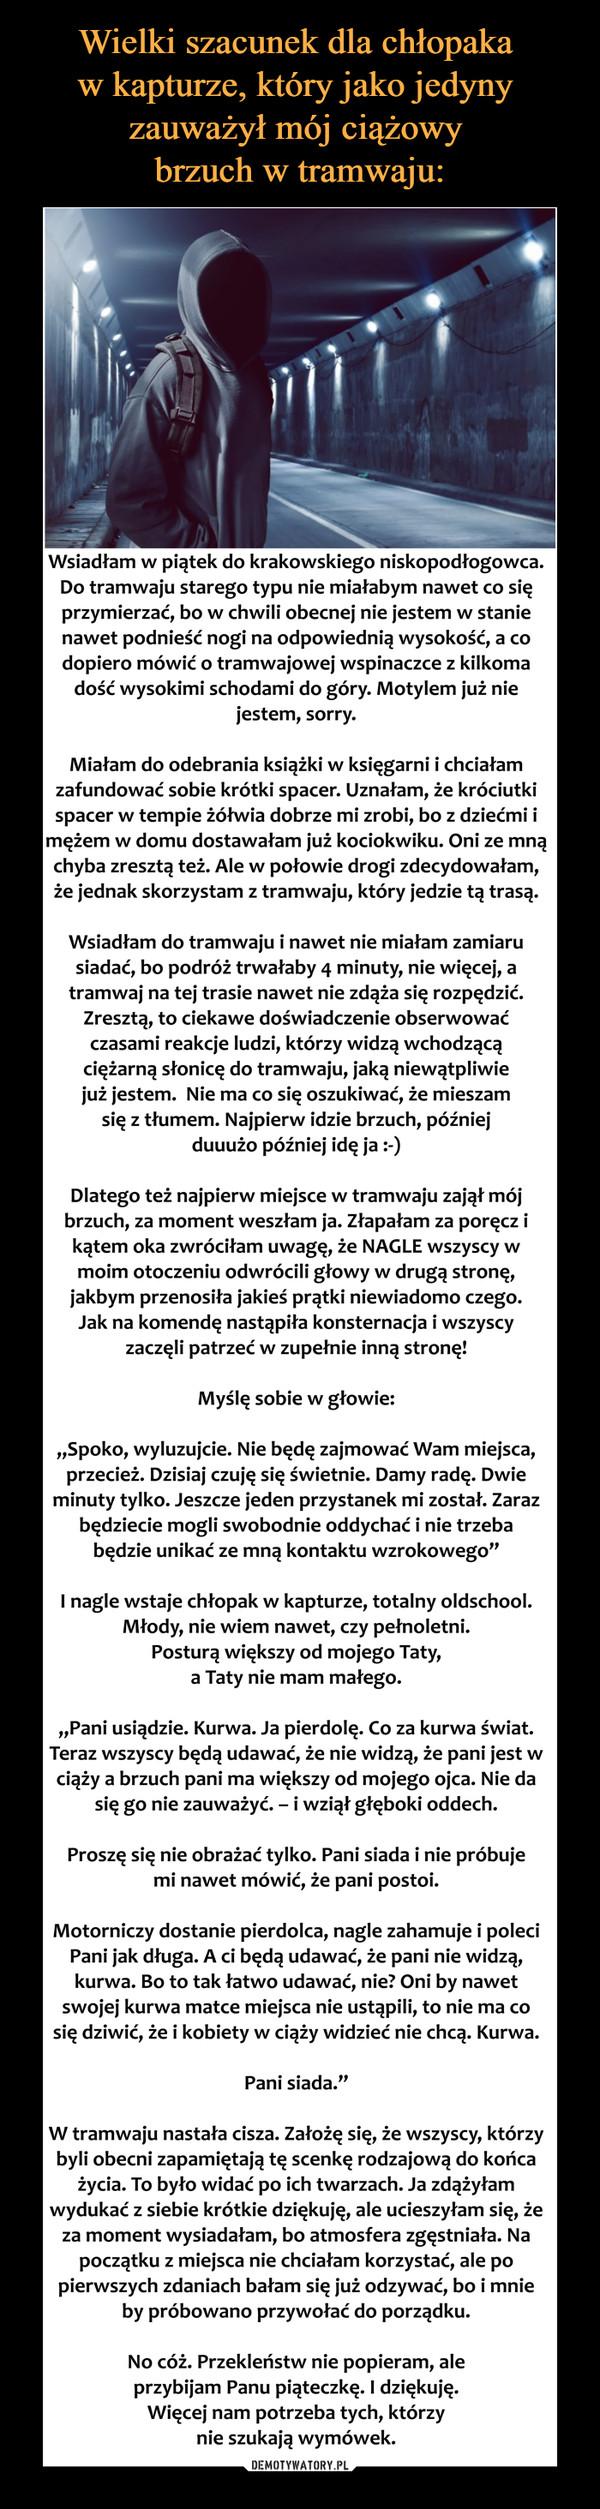 """–  Wsiadłam w piątek do krakowskiego niskopodłogowca. Do tramwaju starego typu nie miałabym nawet co się przymierzać, bo w chwili obecnej nie jestem w stanie nawet podnieść nogi na odpowiednią wysokość, a co dopiero mówić o tramwajowej wspinaczce z kilkoma dość wysokimi schodami do góry ;-) Motylem już nie jestem, sorry :PMiałam do odebrania książki w księgarni i chciałam zafundować sobie krótki spacer. Uznałam, że króciutki spacer w tempie żółwia dobrze mi zrobi, bo z dziećmi i mężem w domu dostawałam już kociokwiku. Oni ze mną chyba zresztą też. Ale w połowie drogi zdecydowałam, że jednak skorzystam z tramwaju, który jedzie tą trasą.Wsiadłam do tramwaju i nawet nie miałam zamiaru siadać, bo podróż trwałaby 4 minuty, nie więcej, a tramwaj na tej trasie nawet nie zdąża się rozpędzić. Zresztą, to ciekawe doświadczenie obserwować czasami reakcje ludzi, którzy widzą wchodzącą ciężarną słonicę do tramwaju, jaką niewątpliwie już jestem :D Nie ma co się oszukiwać, że mieszam się z tłumem. Najpierw idzie brzuch, później duuużo później idę ja :DDlatego też najpierw miejsce w tramwaju zajął mój brzuch, za moment weszłam ja. Złapałam za poręcz i kątem oka zwróciłam uwagę, że NAGLE wszyscy w moim otoczeniu odwrócili głowy w drugą stronę, jakbym przenosiła jakieś prątki niewiadomoczego :D Jak na komendę nastąpiła konsternacja i wszyscy zaczęli patrzeć w zupełnie inną stronę :DMyślę sobie w głowie:""""Spoko, wyluzujcie. Nie będę zajmować Wam miejsca, przecież. Dzisiaj czuję się świetnie. Damy radę. Dwie minuty tylko. Jeszcze jeden przystanek mi został. Zaraz będziecie mogli swobodnie oddychać i nie trzeba będzie unikać ze mną kontaktu wzrokowego :D""""I nagle wstaje chłopak w kapturze, totalny oldschool. Młody, nie wiem nawet, czy pełnoletni. Posturą większy od mojego Taty, a Taty nie mam małego.""""Pani usiądzie. Kur.wa. Ja pierd..lę. Co za k…wa świat. Teraz wszyscy będą udawać, że nie widzą, że pani jest w ciąży a brzuch pani ma większy od mojego ojca. Nie da się go nie zauważyć. – i w"""